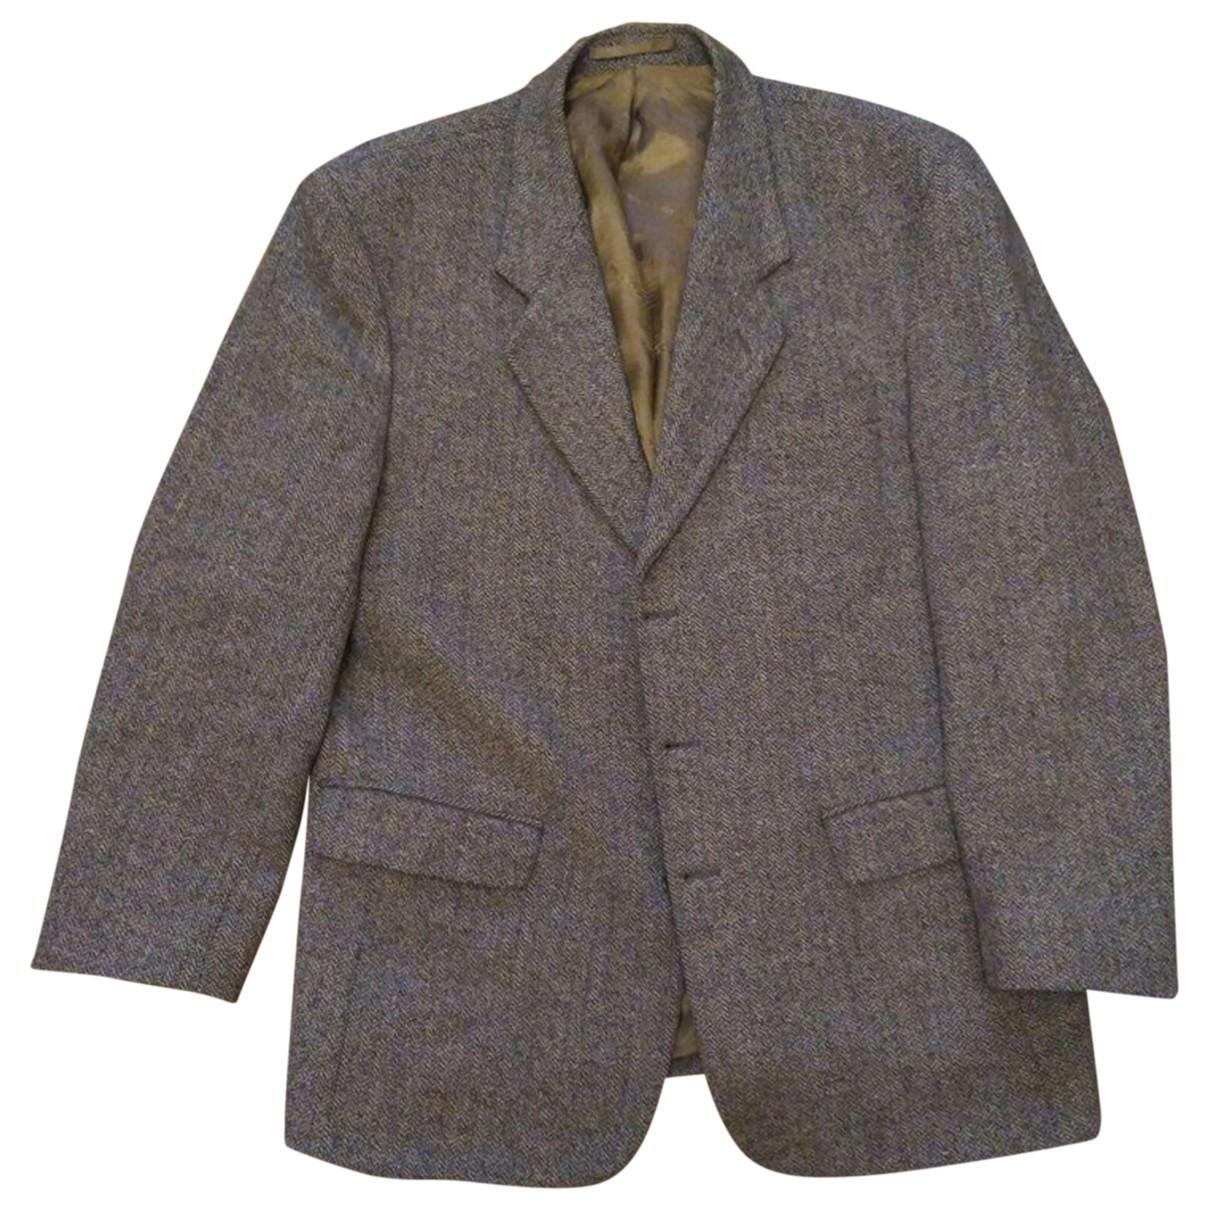 Pierre Cardin - Vestes.Blousons   pour homme en laine - beige